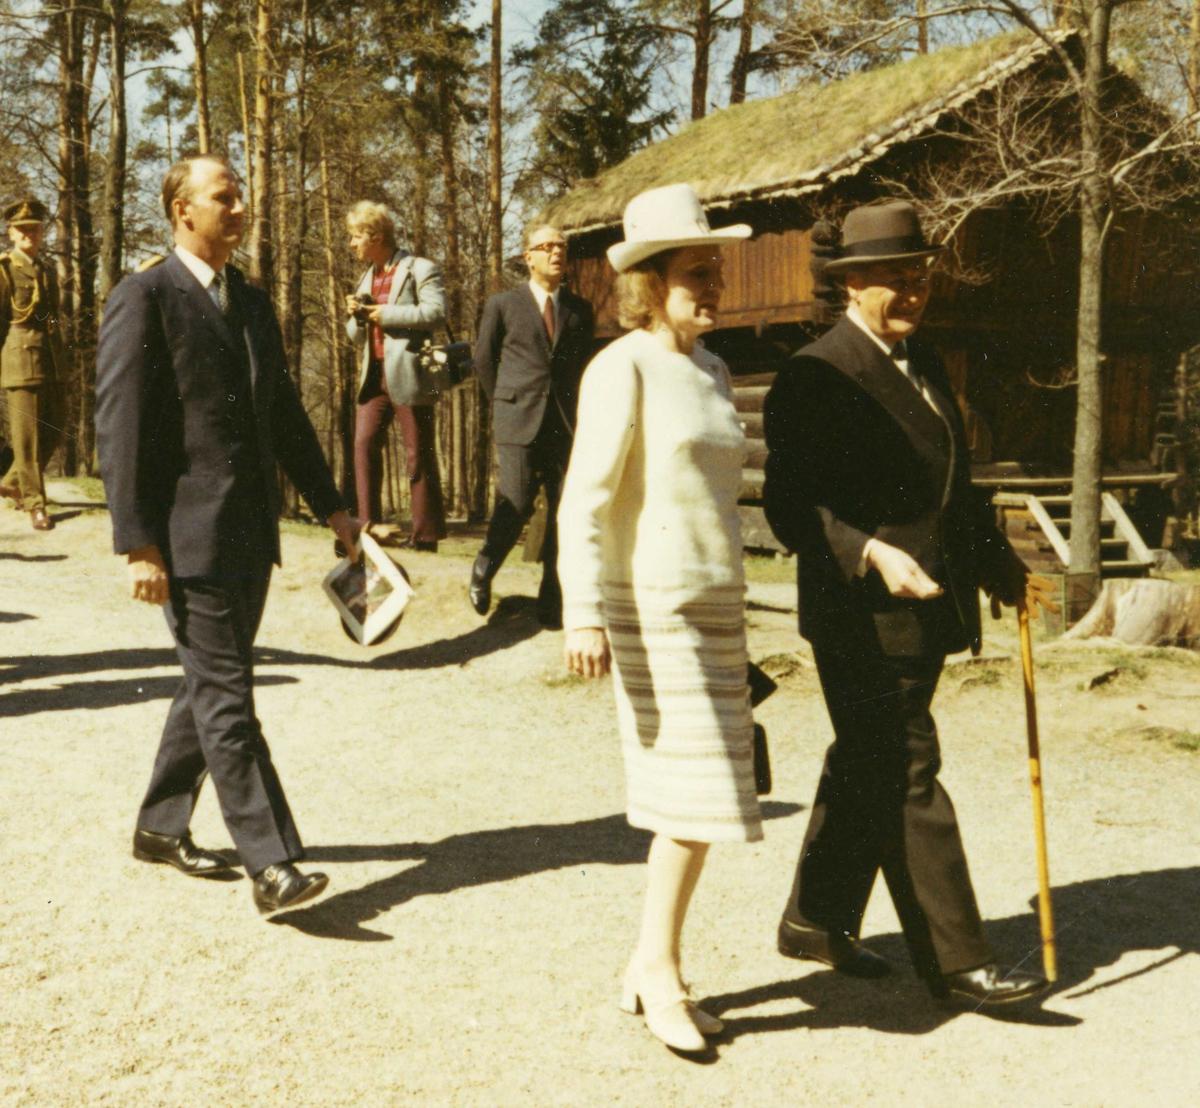 Islands president besøker NF 4/5 1971. Kong Olav, Kronprins Harald og presidentfruen foran Berdalsloftet.